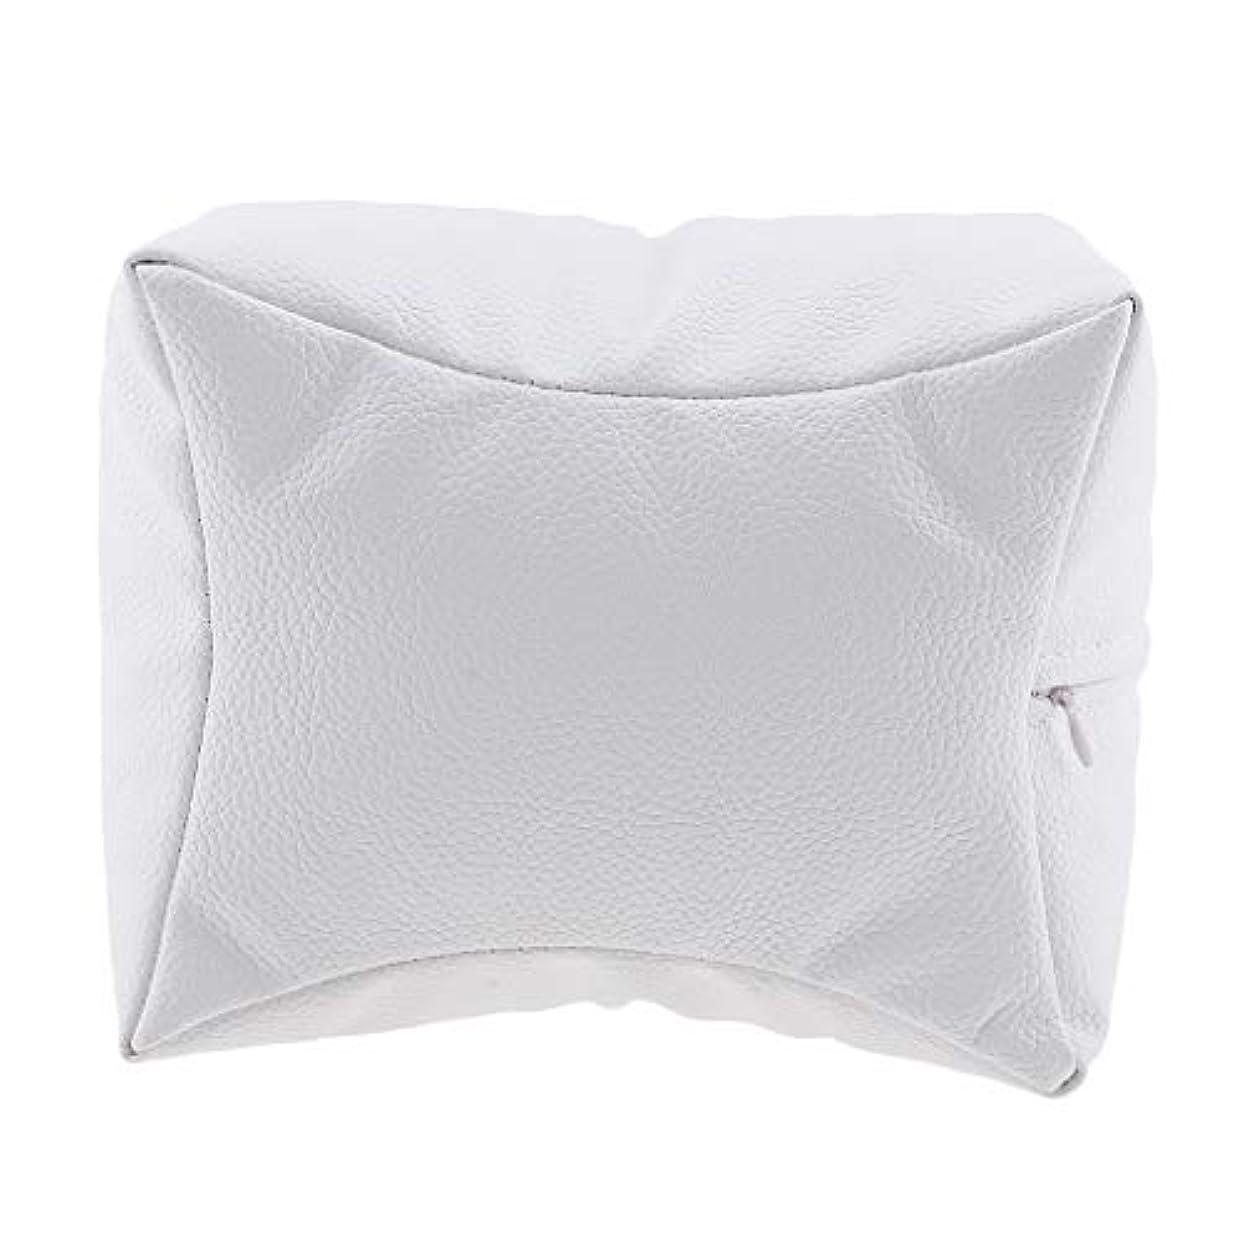 ネイルアート 手枕 ハンドピロー レストピロー ハンドクッション ネイルサロン 4色選べ - 白